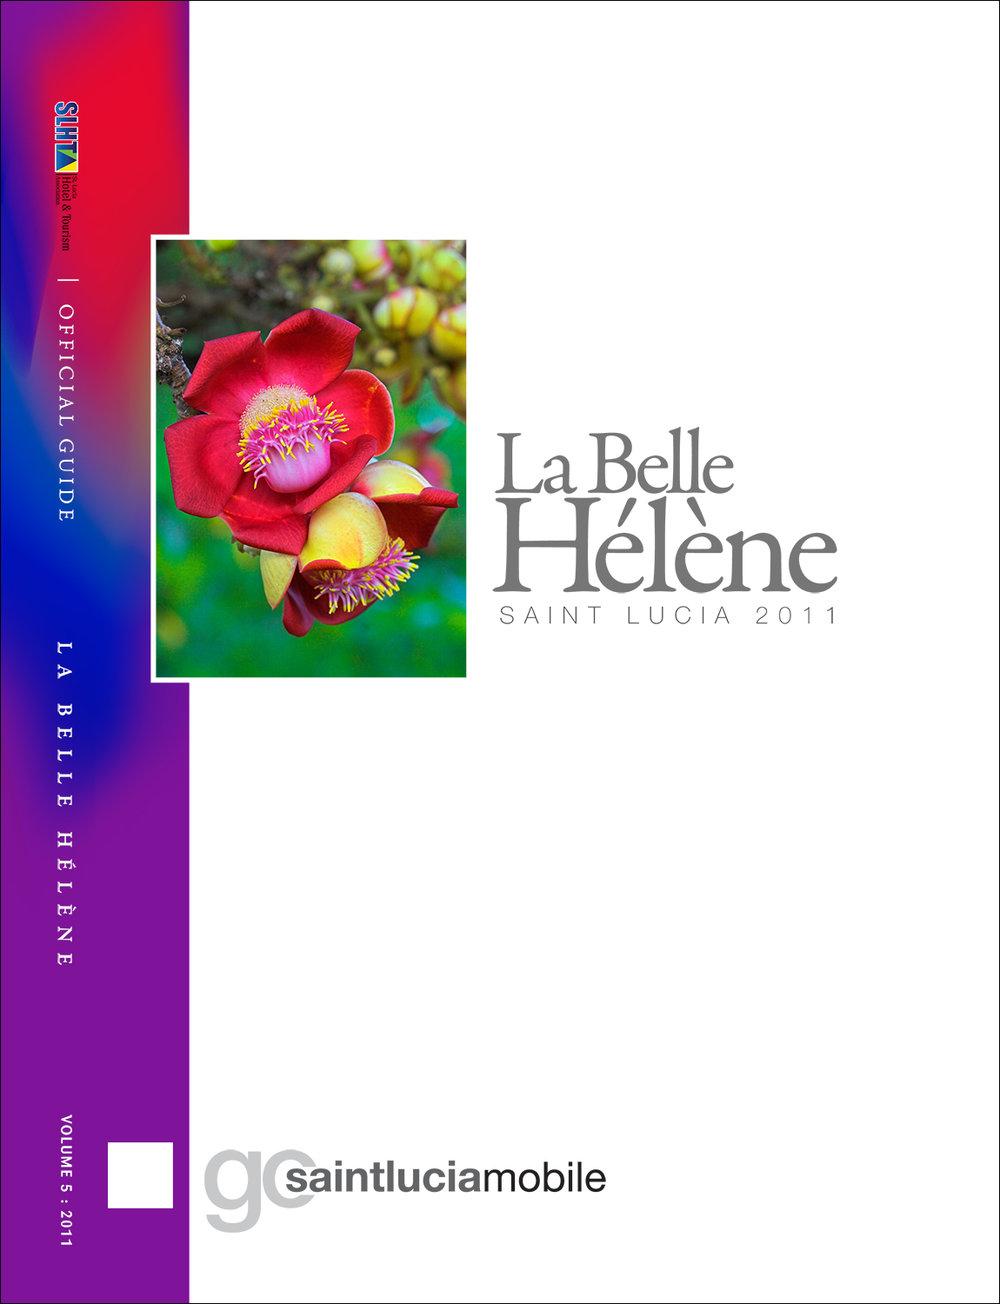 LBH 5.jpg